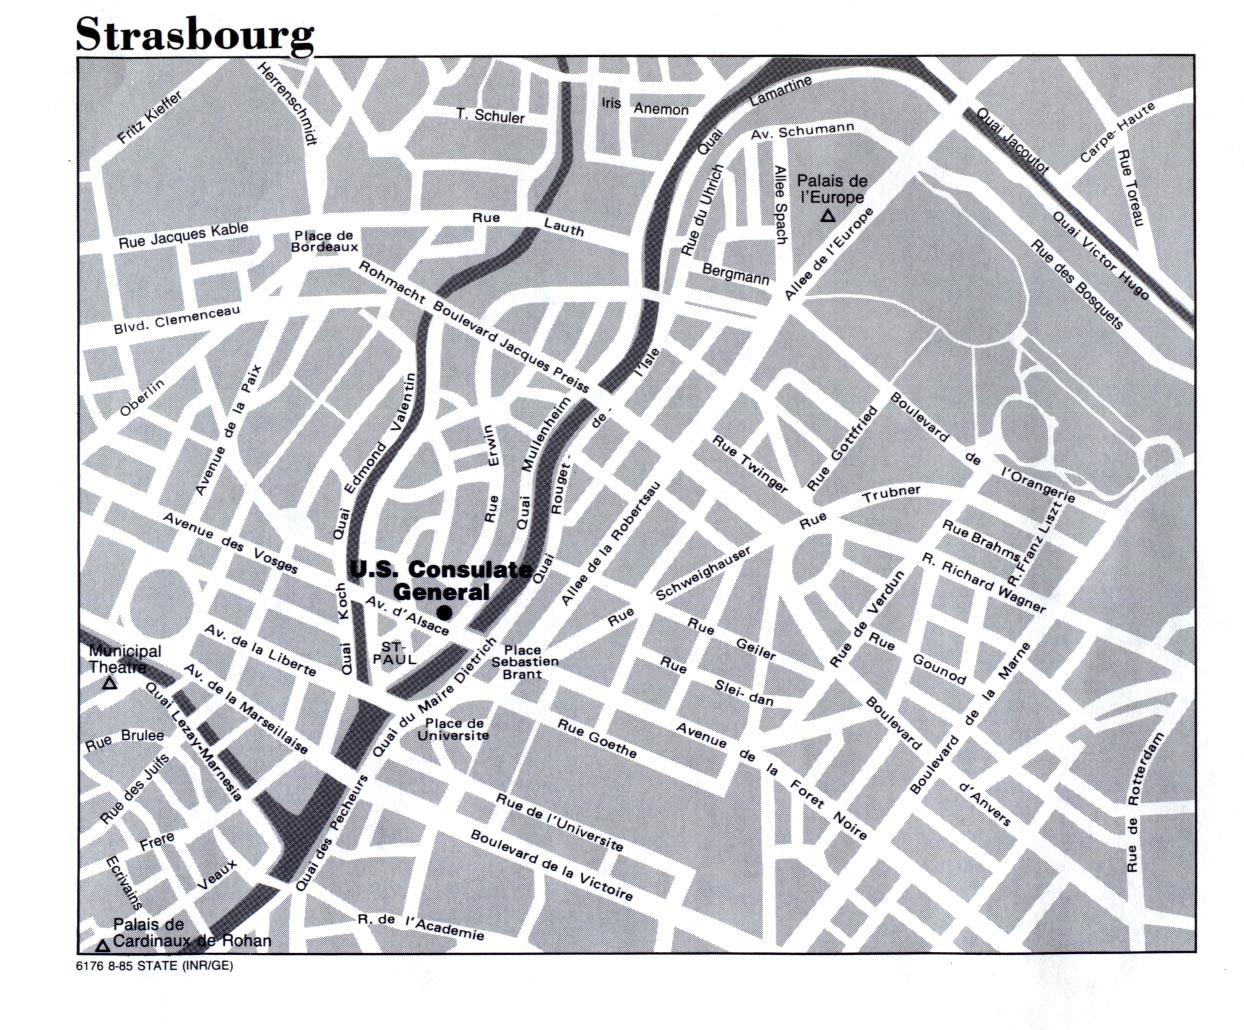 Mapa de la Ciudad de Estrasburgo, Francia